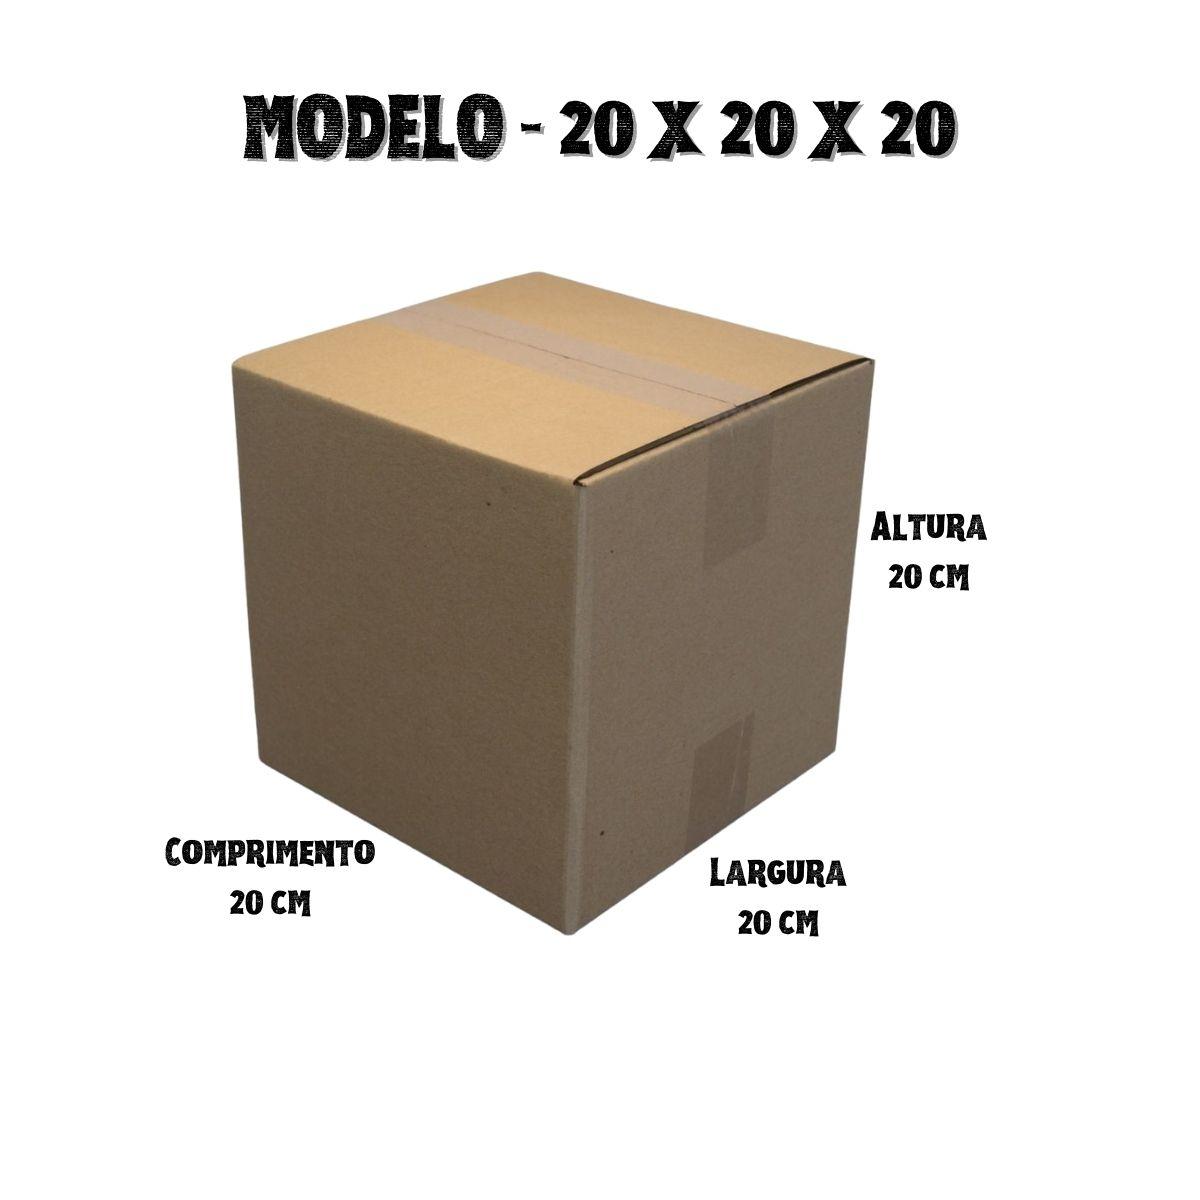 200 Caixas de Papelao (20X20X20)cm - Sedex / Pac / Correios